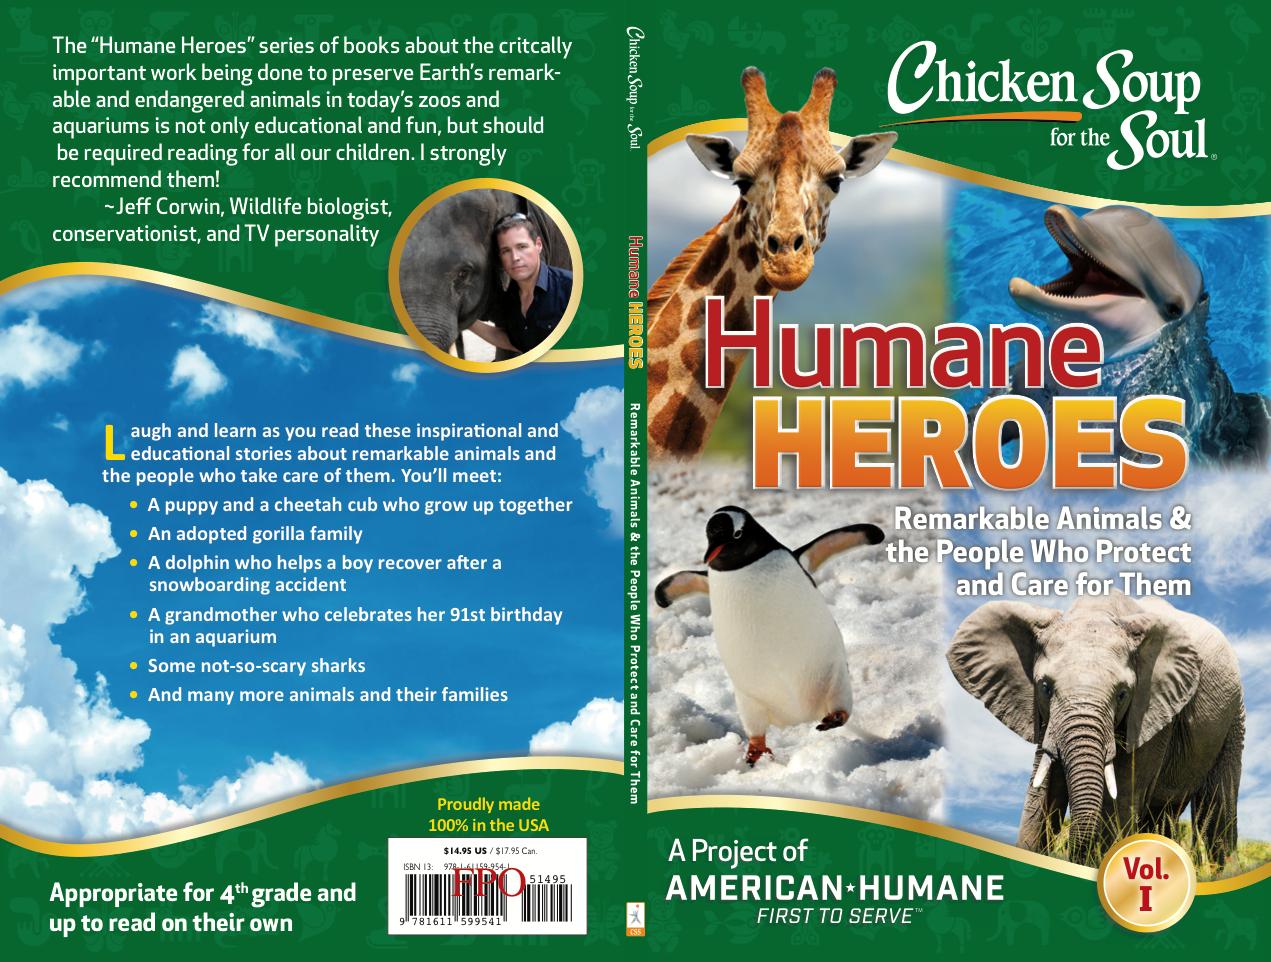 Humane Heroes vol 1